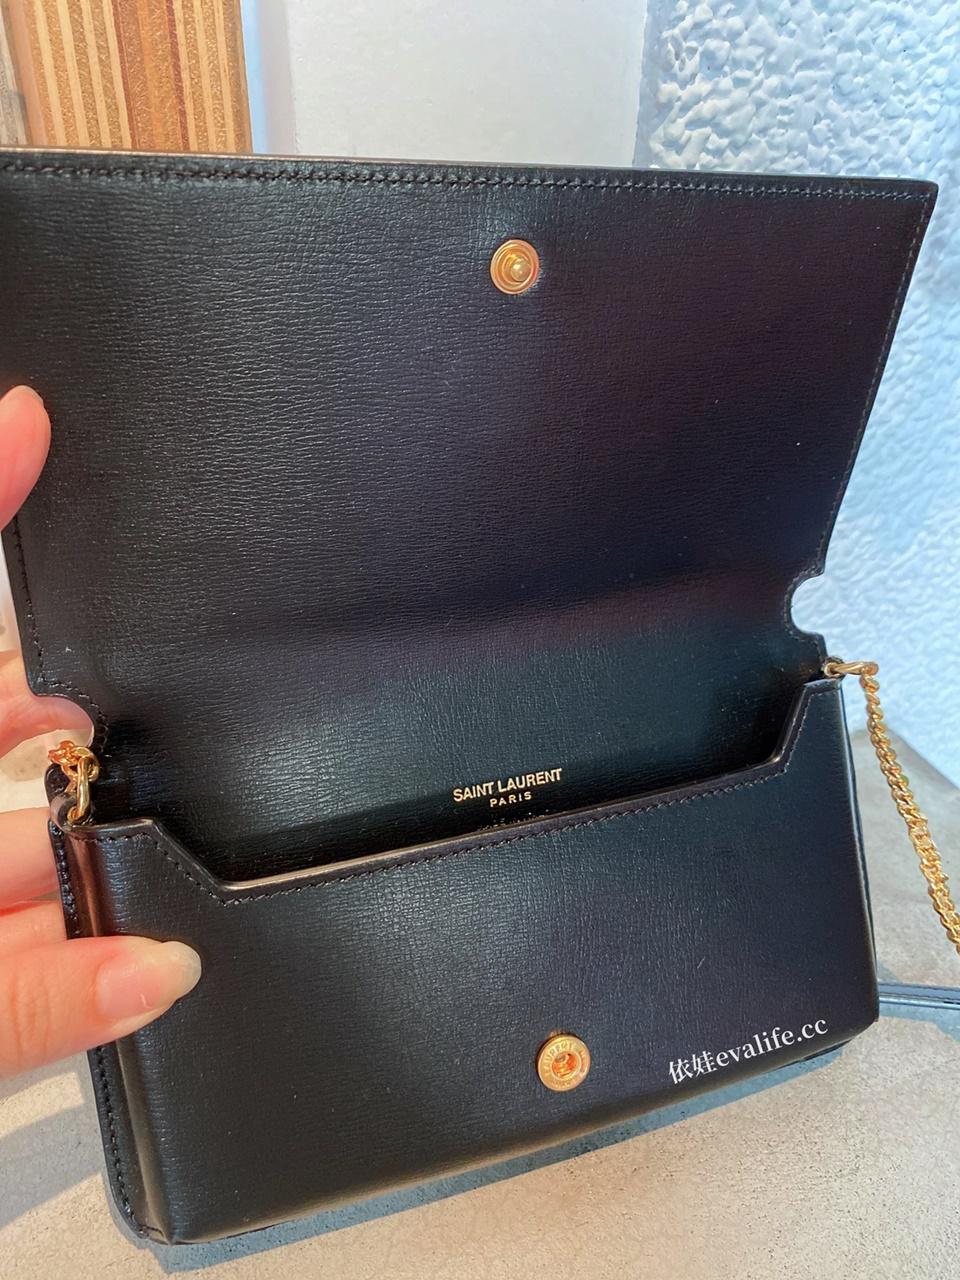 YSL 手機包開箱,時髦媽媽必備,時尚新品2萬元內精品推薦